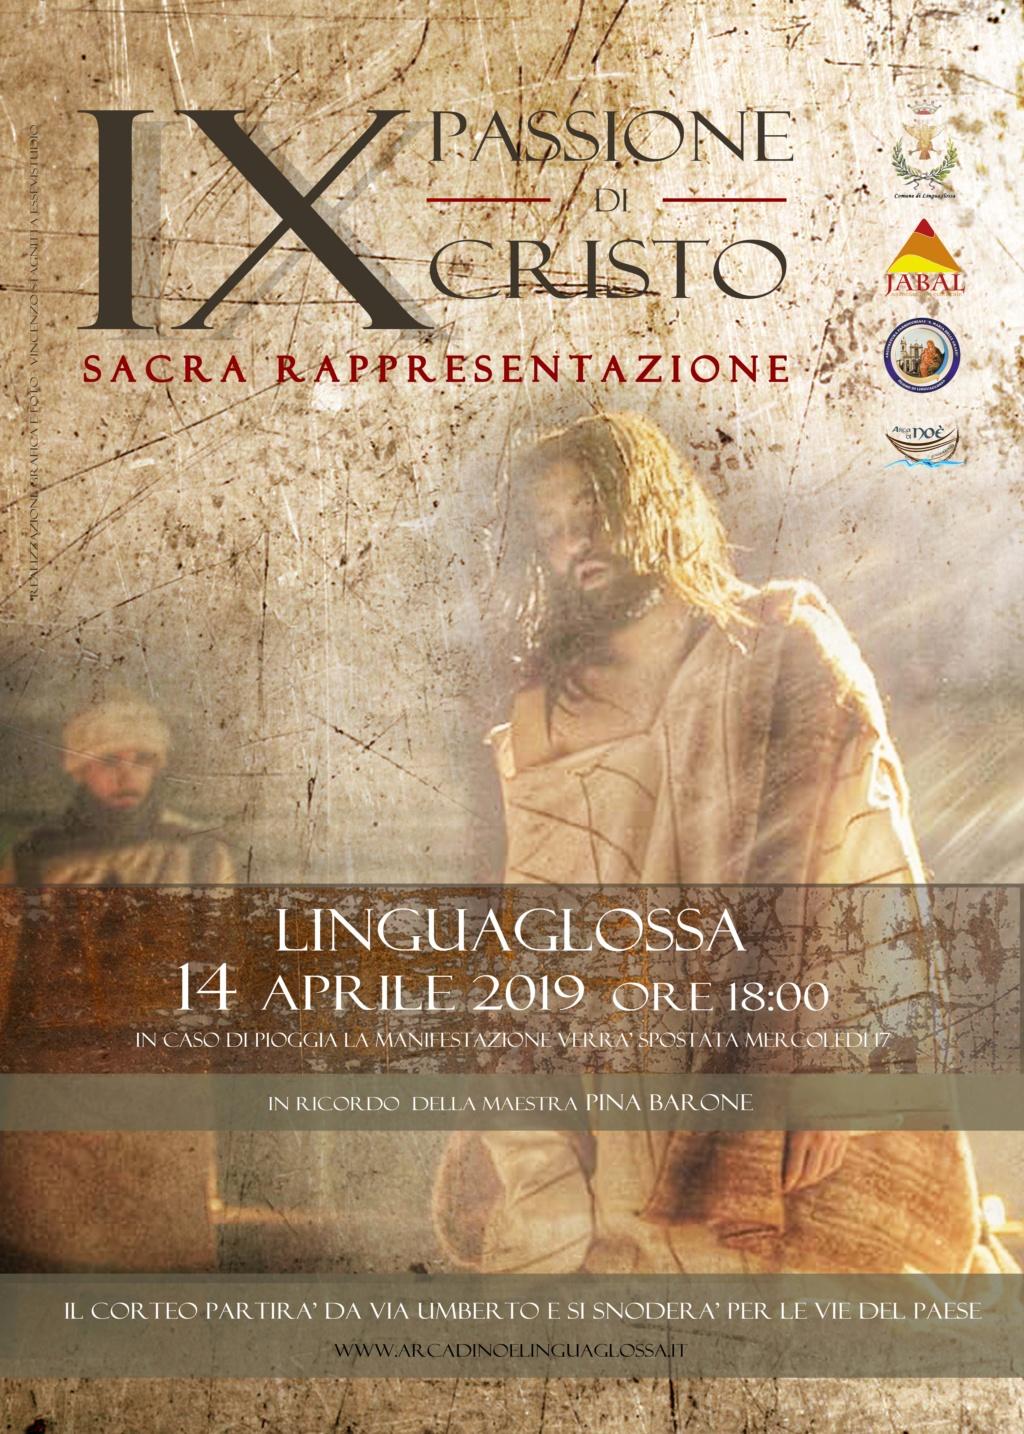 Passione e Morte di Cristo Sacra Rappresentazione a Linguaglossa (CT) Locand10